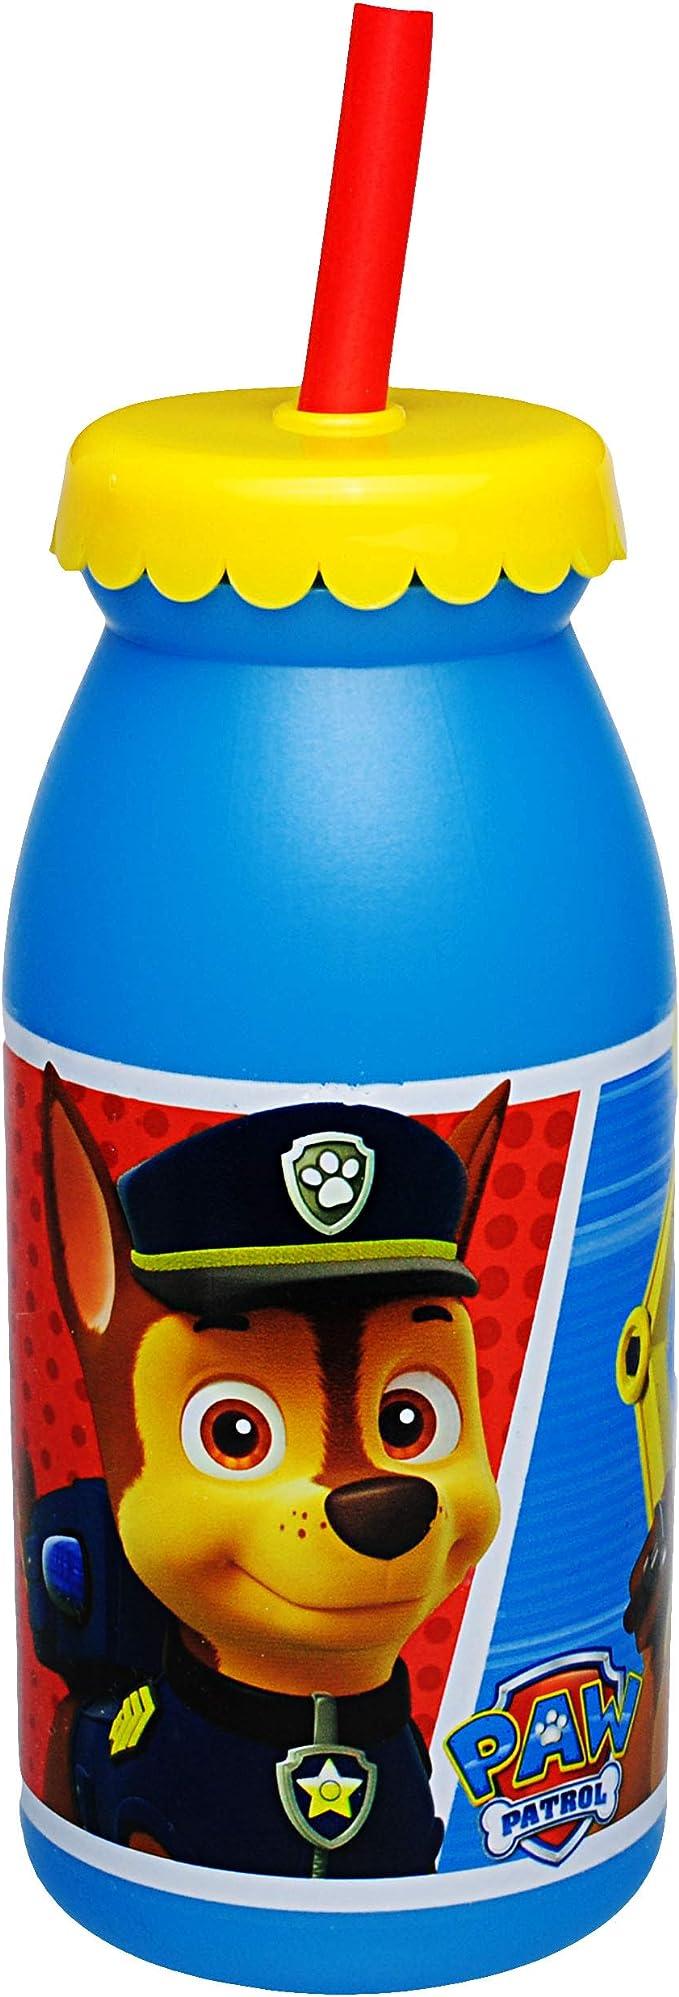 Name Paw Patrol durchsichtig /& transpa.. Kunststoff Plastik 420 ml inkl mit Strohhalm /& Deckel Hunde alles-meine.de GmbH Trinkflasche // Trinkglas BPA frei Tritan